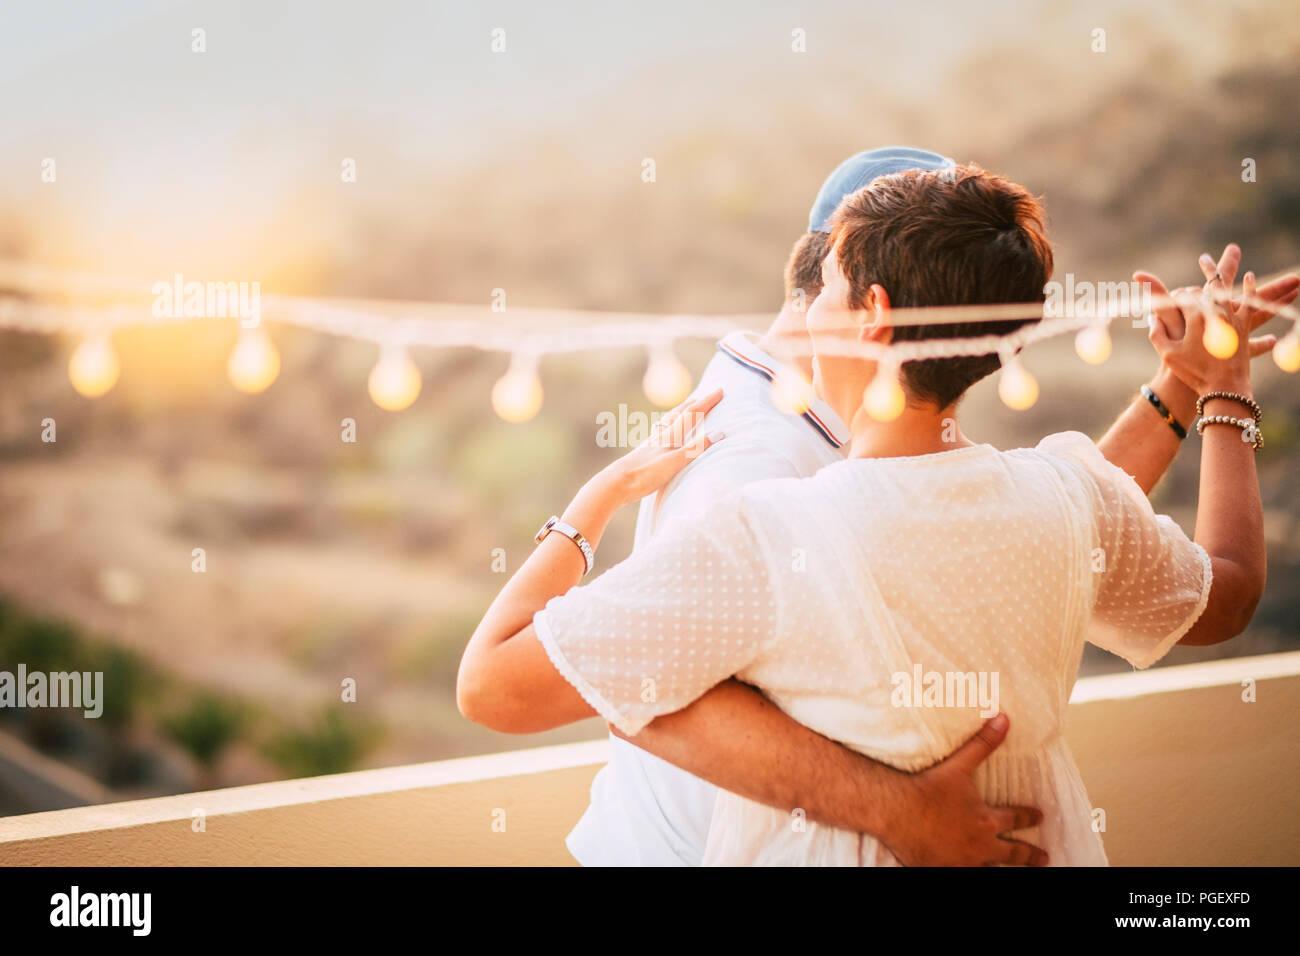 Hermosa pareja bailando en la terraza azotea con vista natural. amor y dating concepto para las personas con actividad de ocio romántica junto con l Imagen De Stock